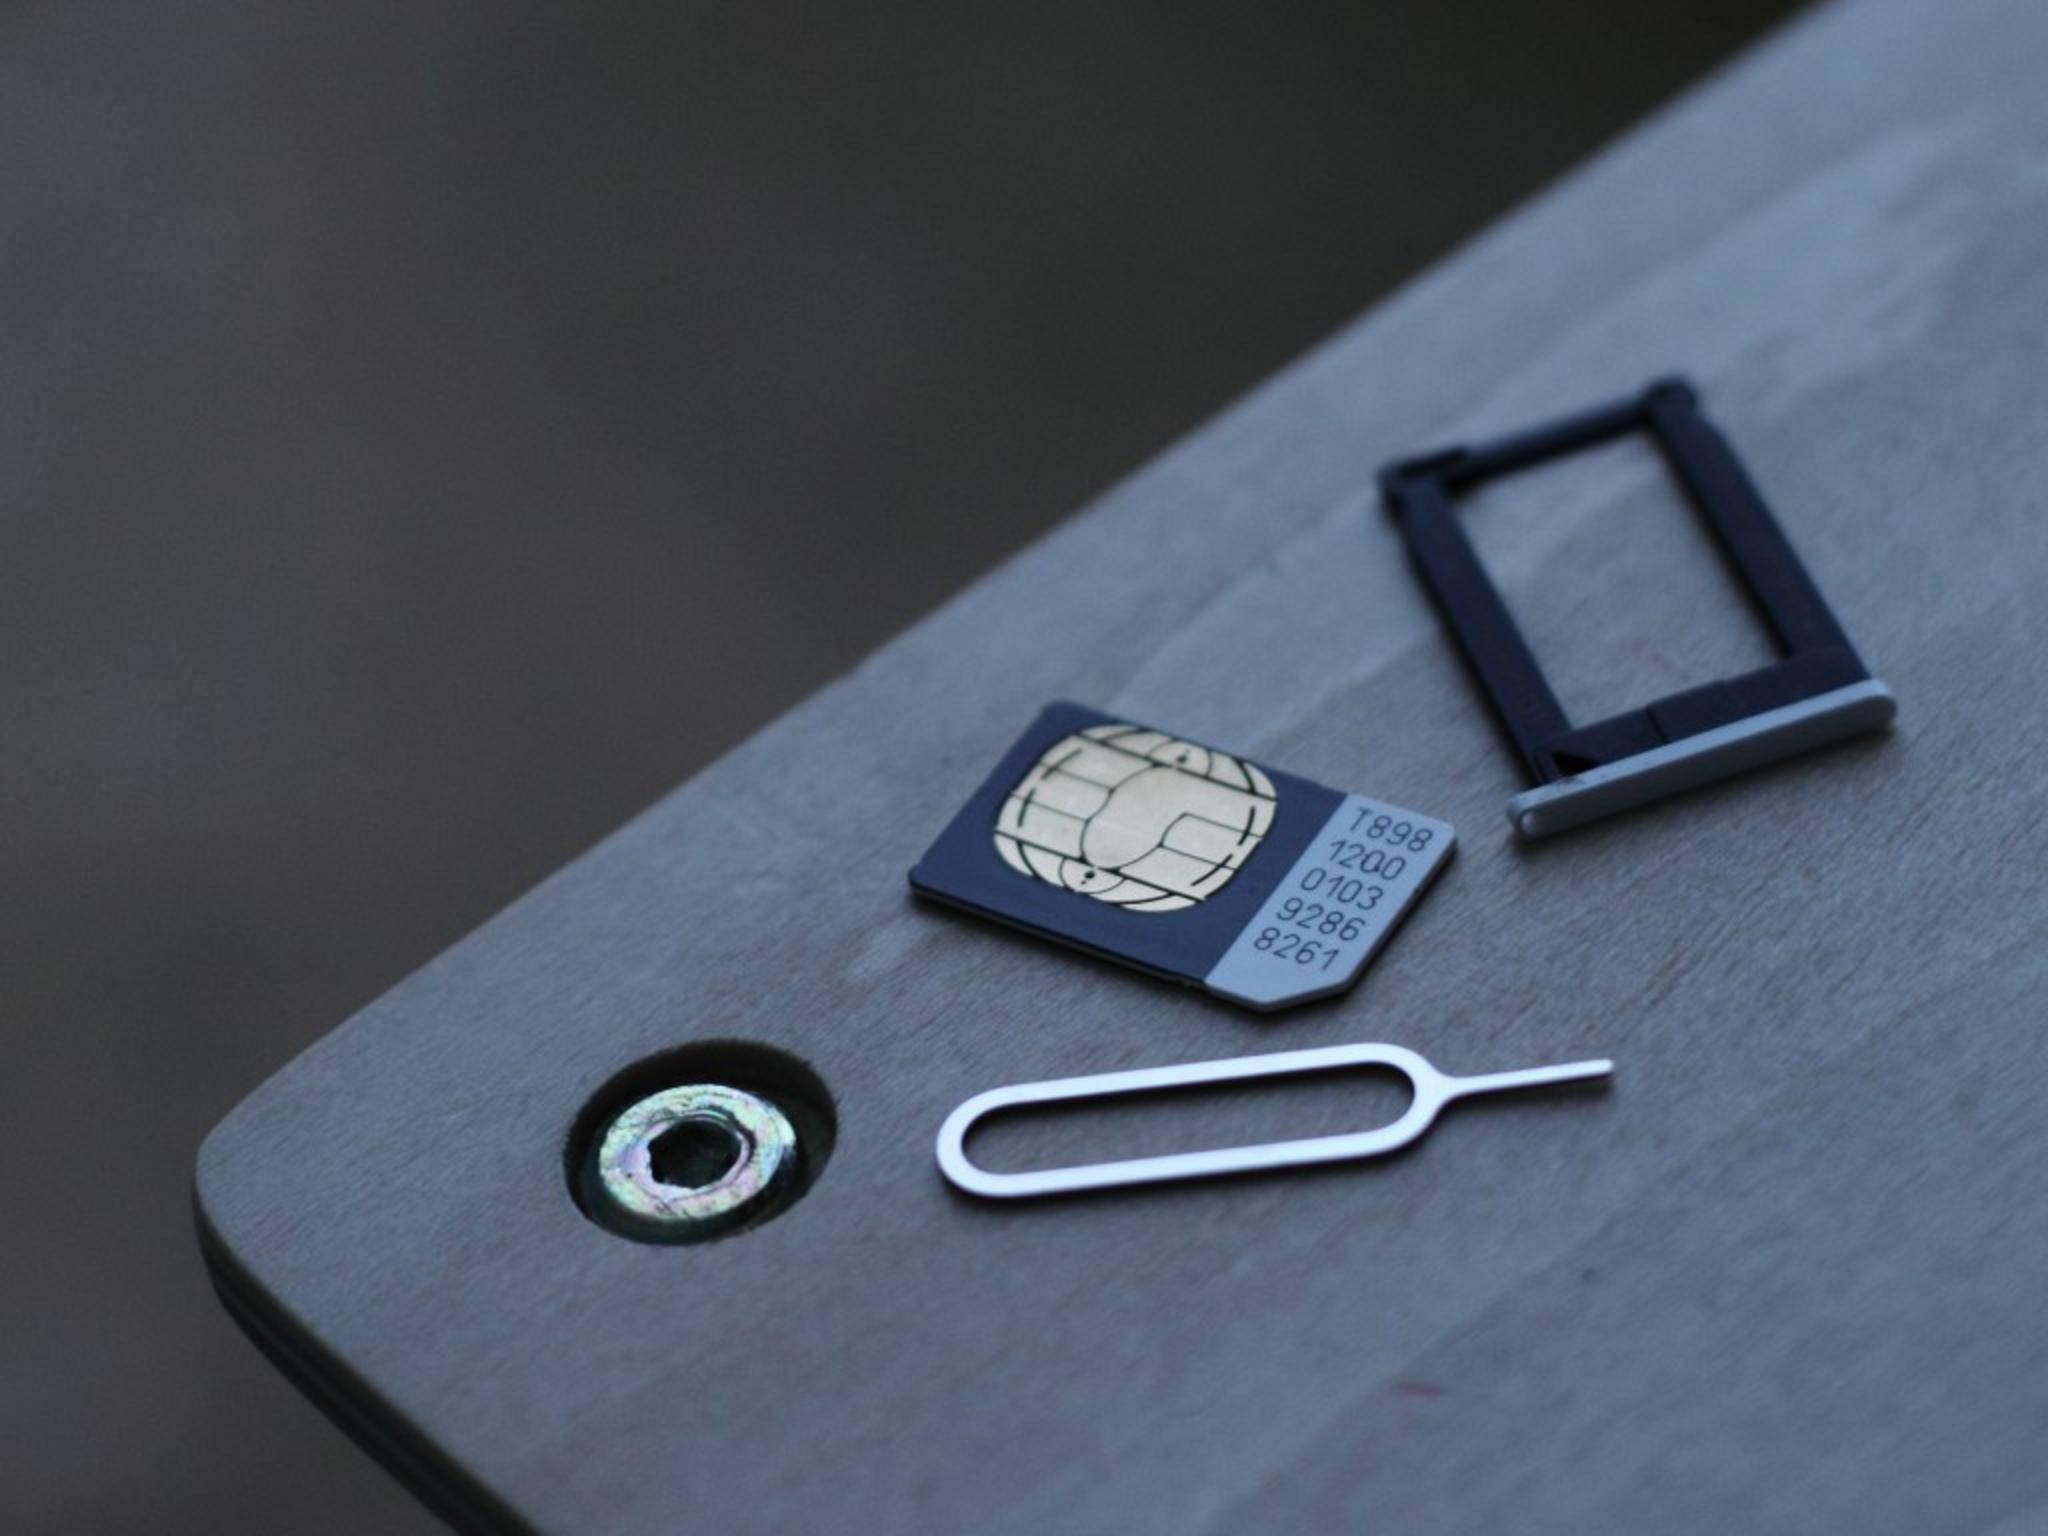 Zum Einlegenmancher SIM-Karten wird ein Schlüssel benötigt.